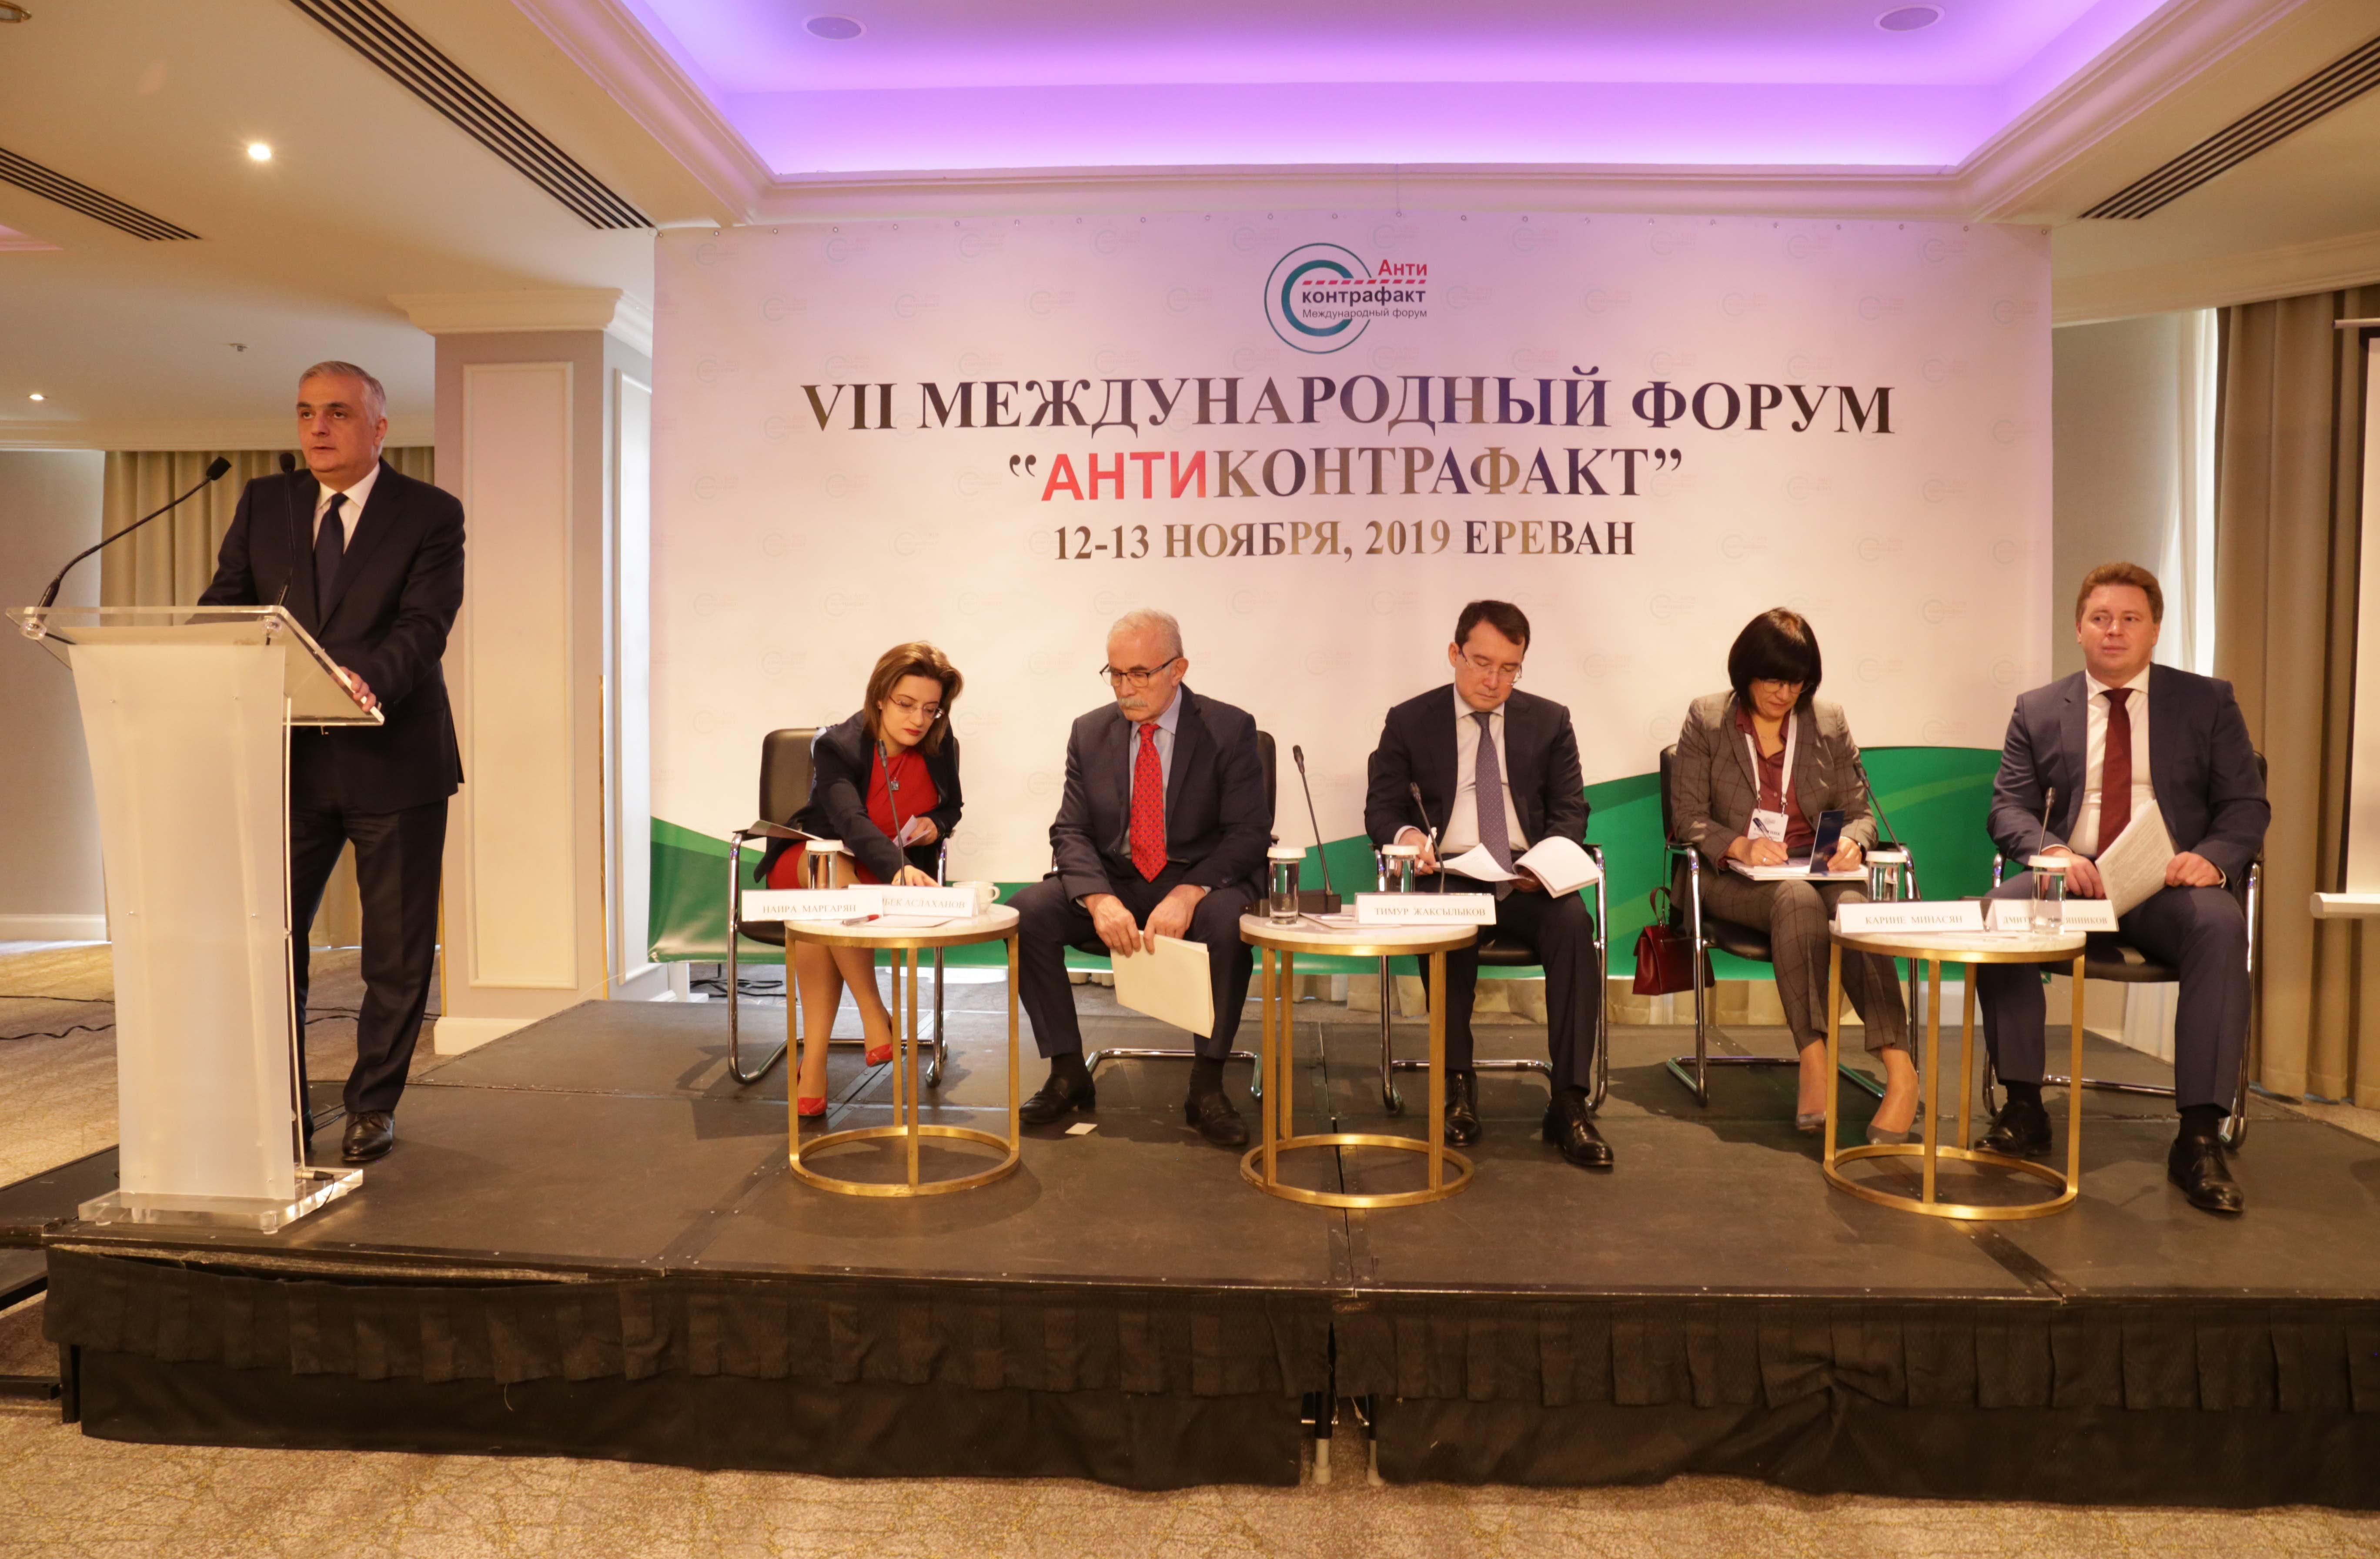 «Անտիկոնտրաֆակտ 2019» 7-րդ միջազգային համաժողովում քննարկվում են ԵԱՏՄ տարածքում արդյունաբերական արտադրանքի ապօրինի շրջանառության կանխարգելման խնդիրները